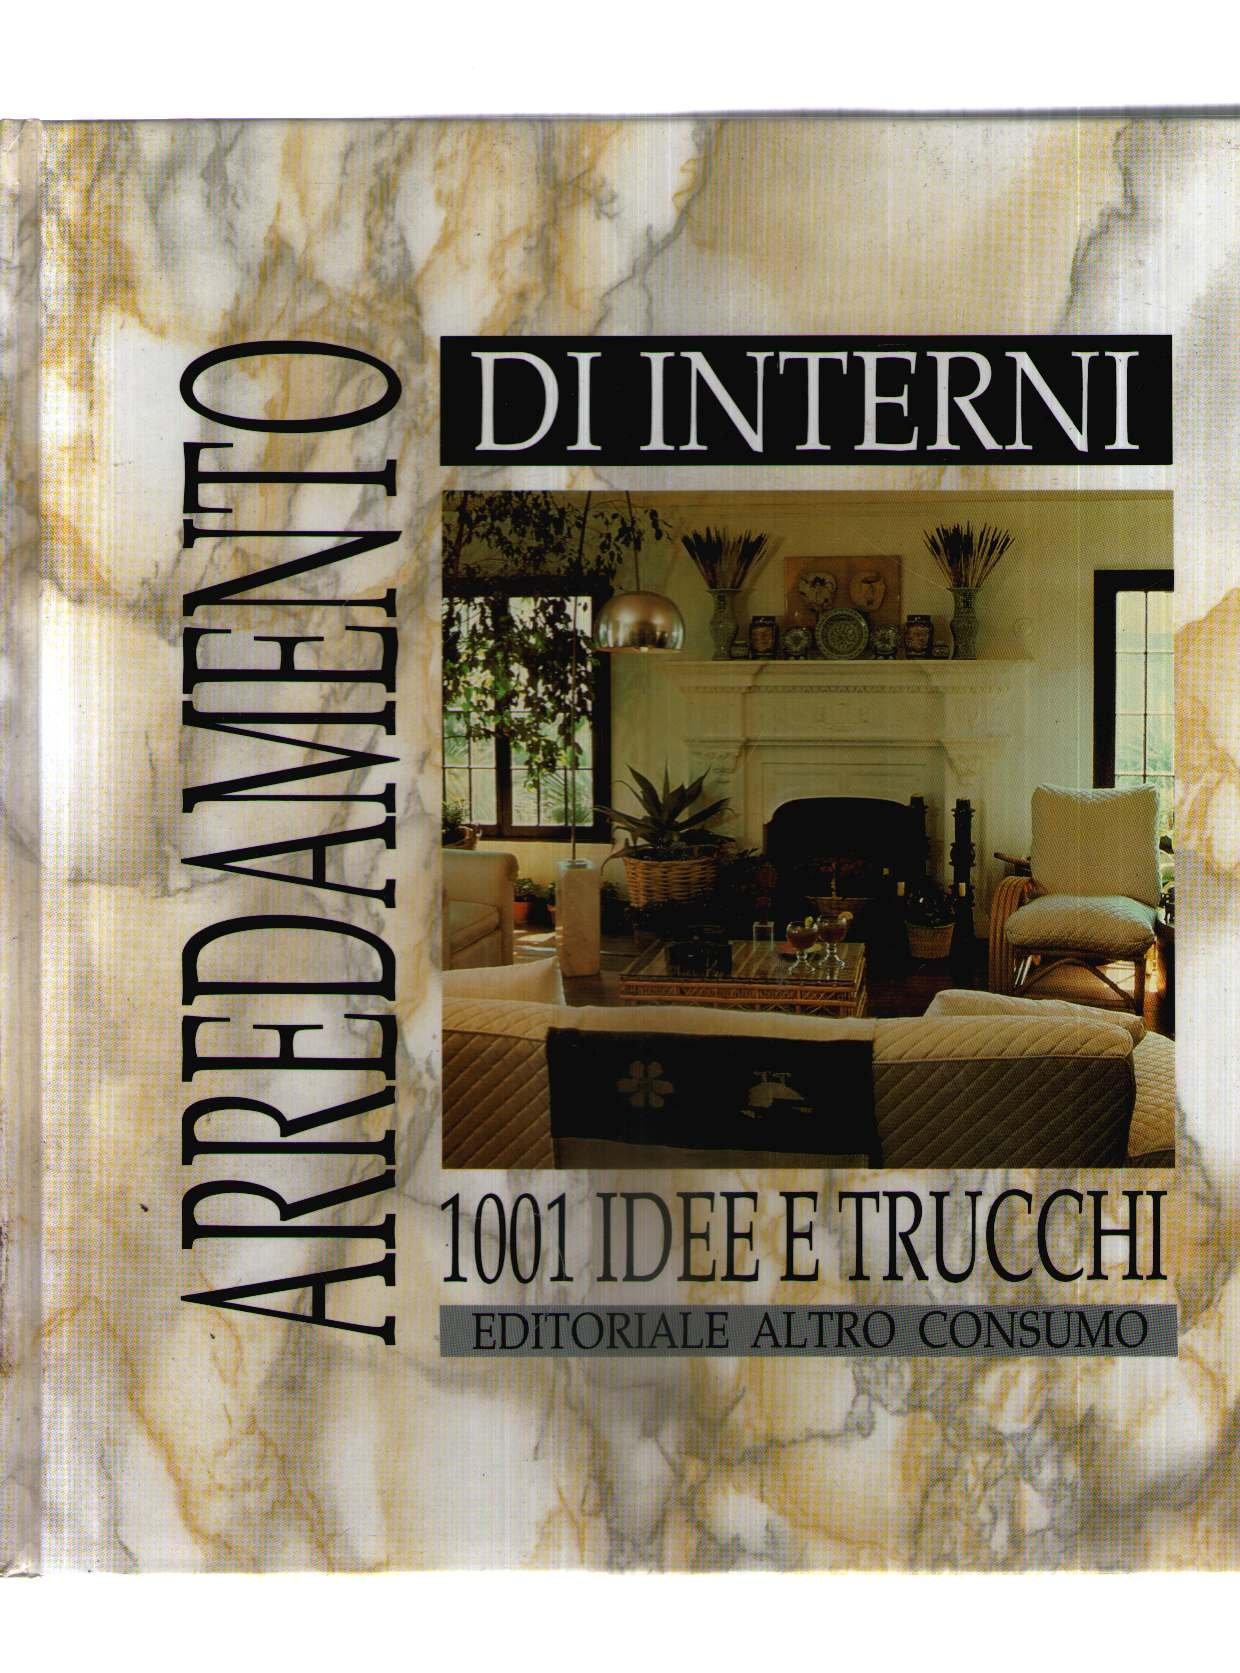 Arredamento Di Interni 1001 Idee E Trucchi.Amazon It Arredamento Di Interni 1001 Idee E Trucchi Daniel